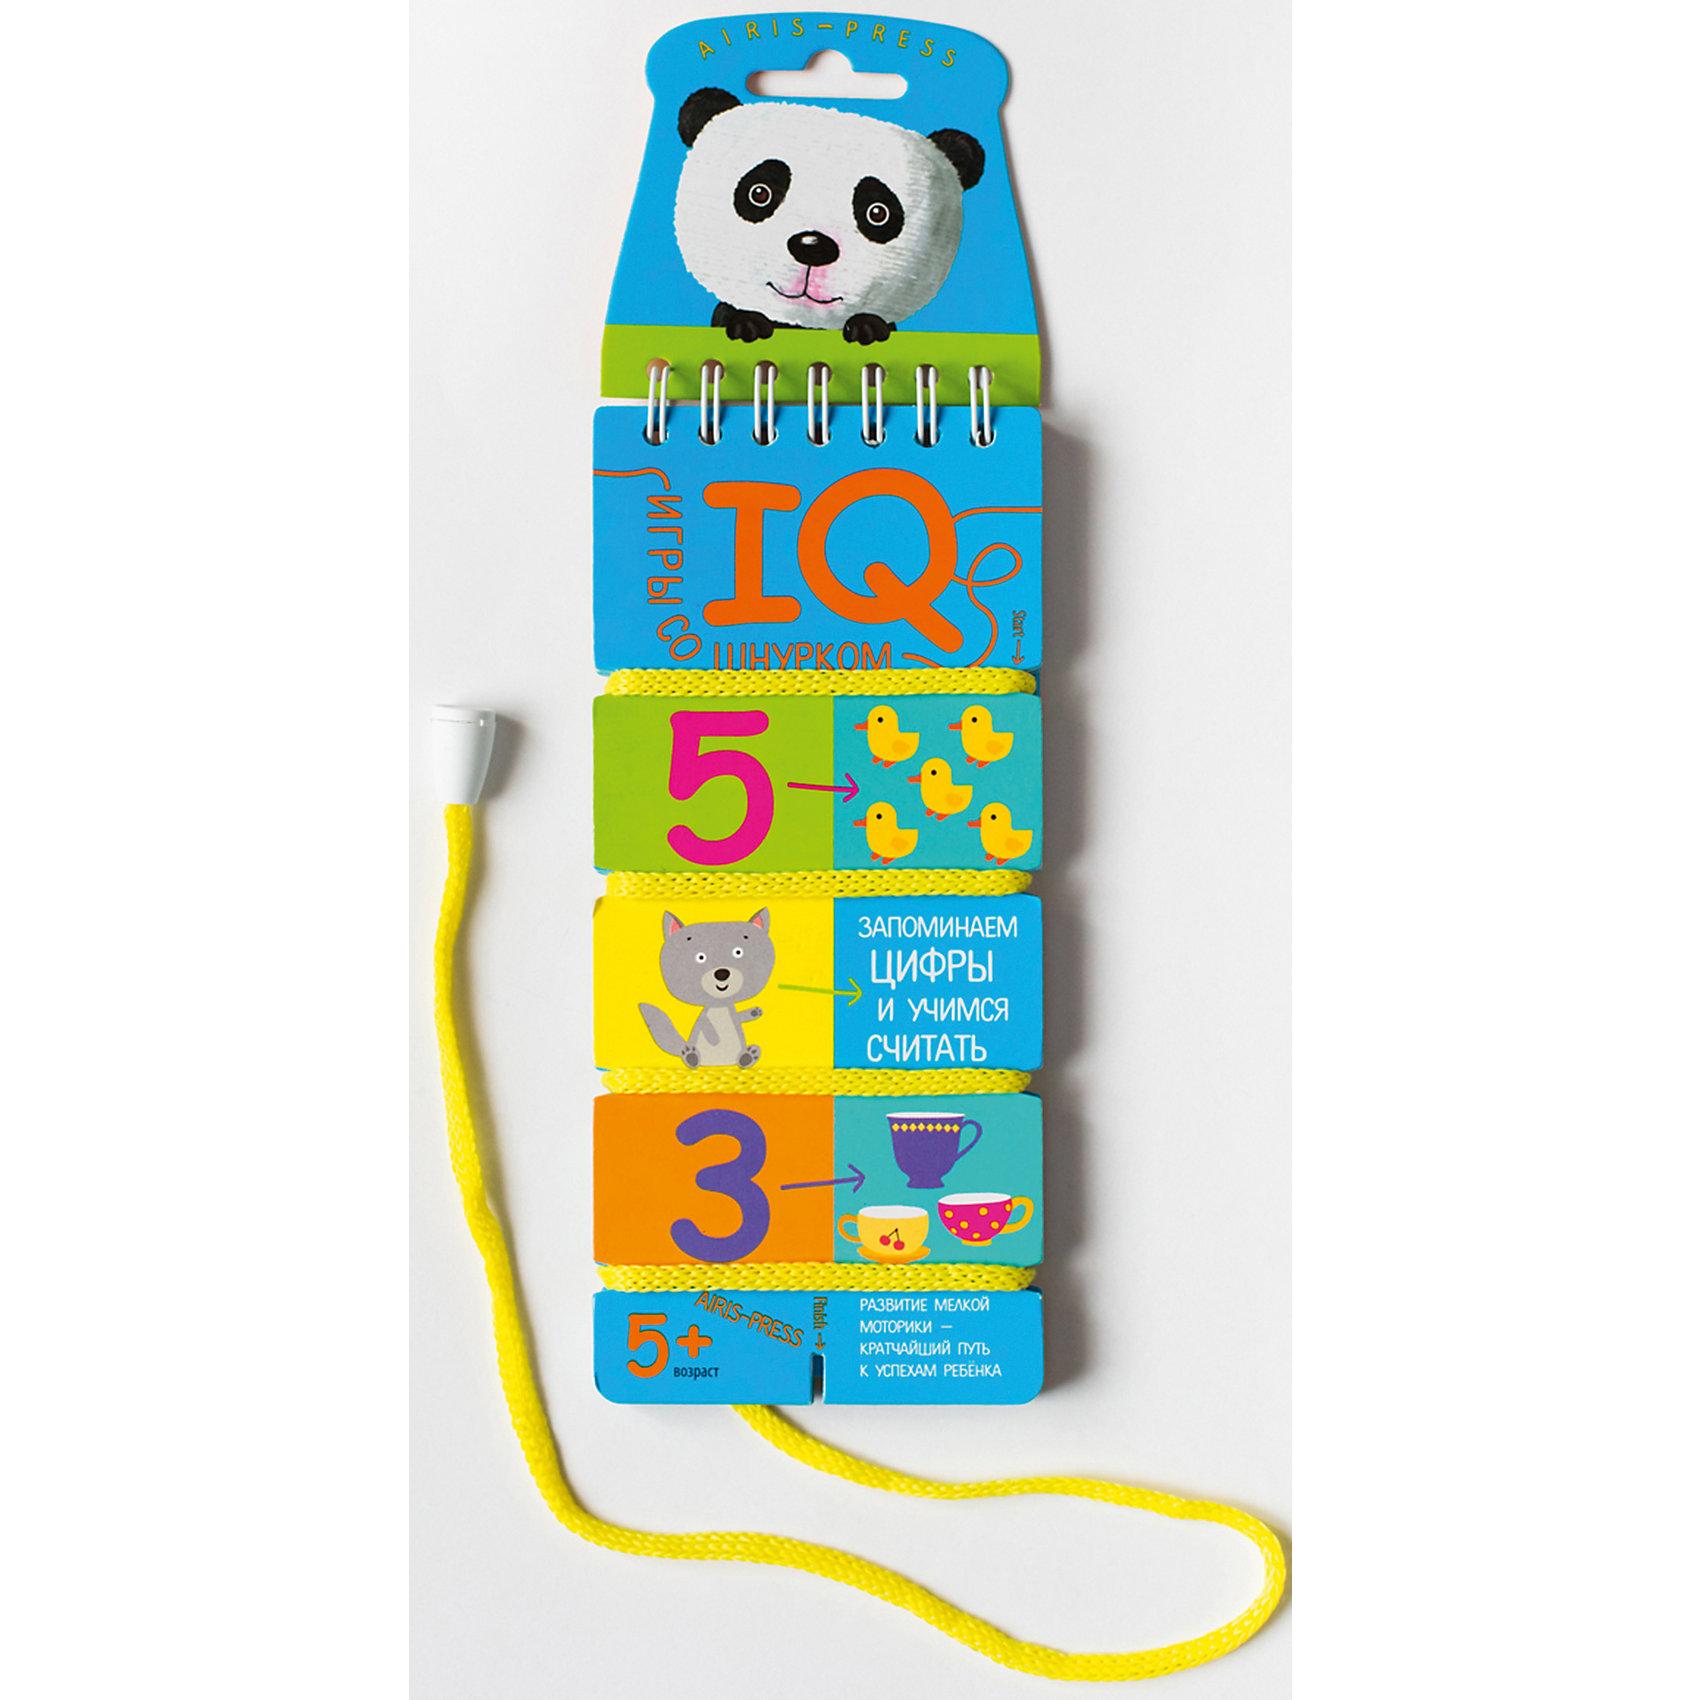 Игры со шнурком Запоминаем цифры и учимся считатьШнуровки<br>Характеристики товара:<br><br>• возраст: от 5 лет<br>• комплектация: блокнот на пружине со шнурком, состоящий из 18 картонных карточек<br>• автор: Куликова Е.Н.<br>• производитель: Айрис-пресс<br>• серия: IQ игры со шнурком<br>• иллюстрации: цветные<br>• размер блокнота: 7х15,5 см.<br>• вес: 66 гр.<br><br>«Запоминаем цифры и учимся считать» - это игровое пособие для развития для развития навыка счёта в пределах 10. Интересная форма выполнения заданий и самопроверки увлекает детей и приучает к самостоятельным занятиям.<br><br>В блокноте 18 игровых карточек, переплёт с пружиной и прочный шнурок, надёжно прикреплённый металлической заклёпкой. На каждой карточке задания: картинки и цифры. Для каждой картинки необходимо подобрать цифру. Схема, по которой нужно подбирать пару, нарисована.<br><br>Для проверки правильности выполнения заданий используется шнурок. Пары последовательно соединяются шнурком. В результате шнурок определенным образом переплетает карточку. Если шнурок будет идти по линиям, нарисованным с обратной стороны карточки, значит задание выполнено, верно.<br><br>Игры со шнурком развивают внимание, усидчивость, самодисциплину, мышление, мелкую моторику и координацию движений. Интуитивно понятные задания помогают ребёнку почувствовать уверенность в своих силах и учиться с удовольствием.<br><br>Игры со шнурком - это простое и удобное пособие для занятий в детском саду, дома и на отдыхе.<br><br>Игры со шнурком Запоминаем цифры и учимся считать можно купить в нашем интернет-магазине.<br><br>Ширина мм: 36<br>Глубина мм: 70<br>Высота мм: 160<br>Вес г: 62<br>Возраст от месяцев: 60<br>Возраст до месяцев: 84<br>Пол: Унисекс<br>Возраст: Детский<br>SKU: 6849568